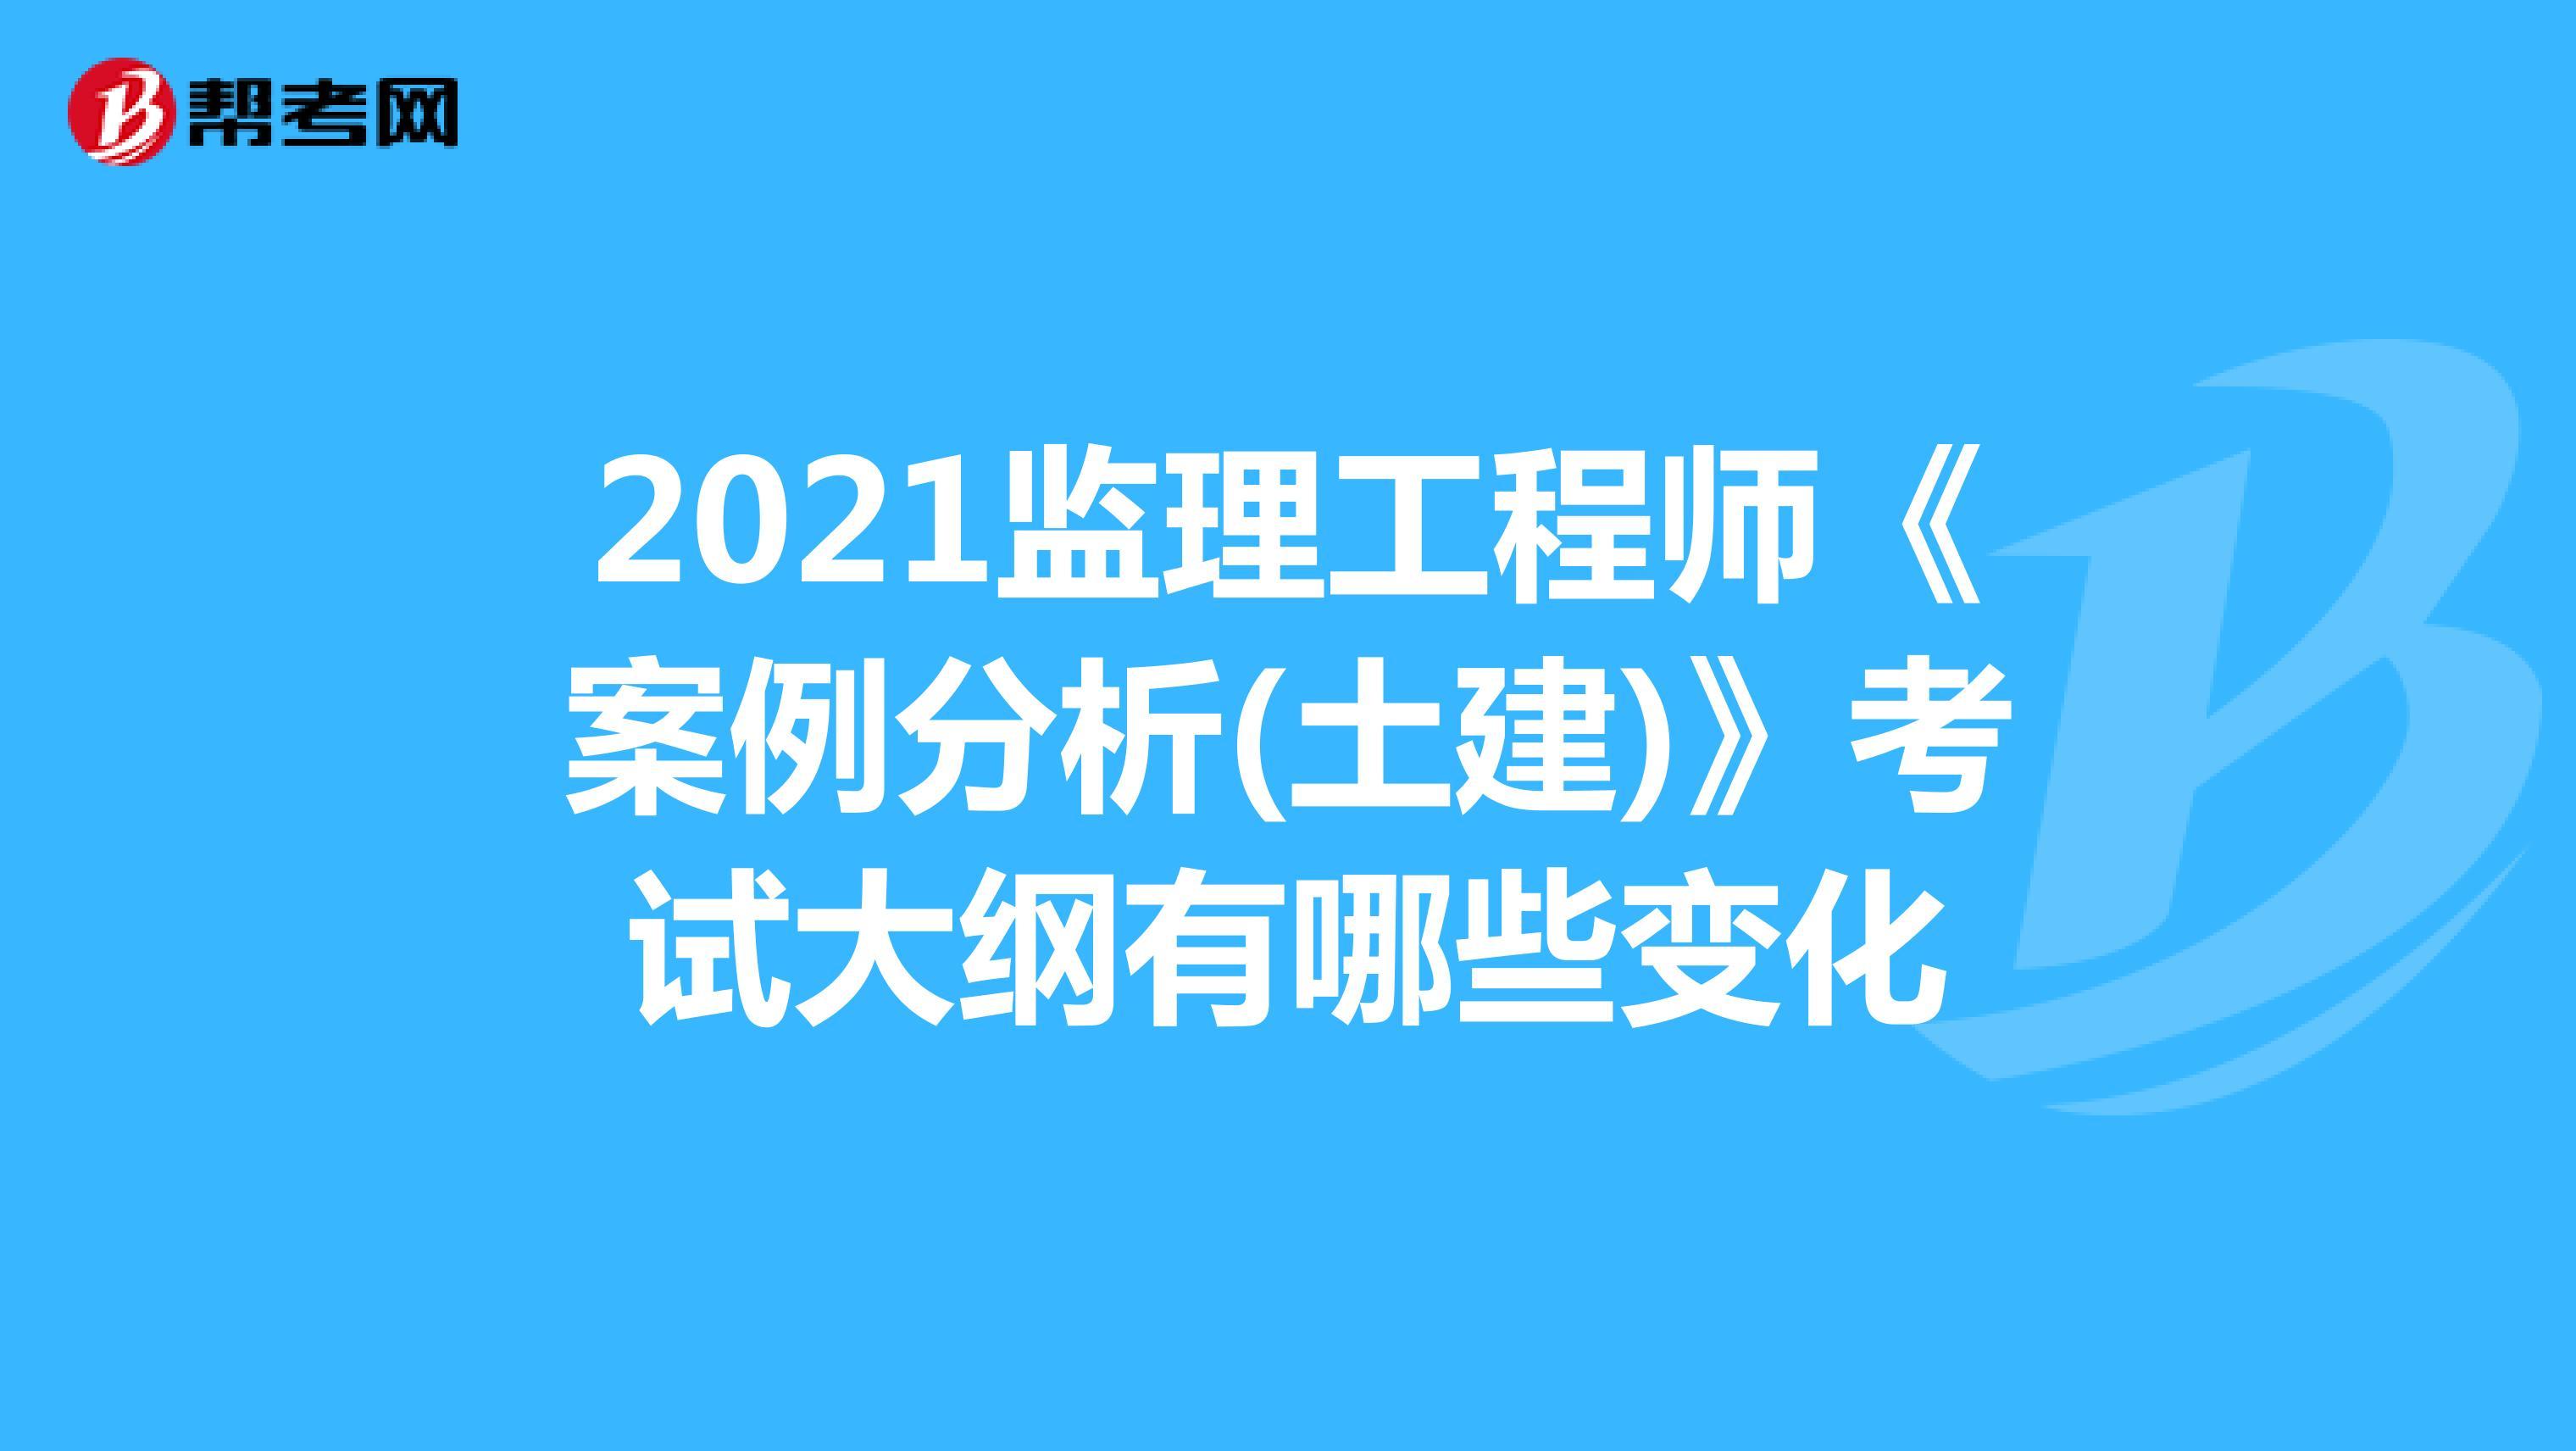 2021监理工程师《案例分析(土建)》考试大纲有哪些变化